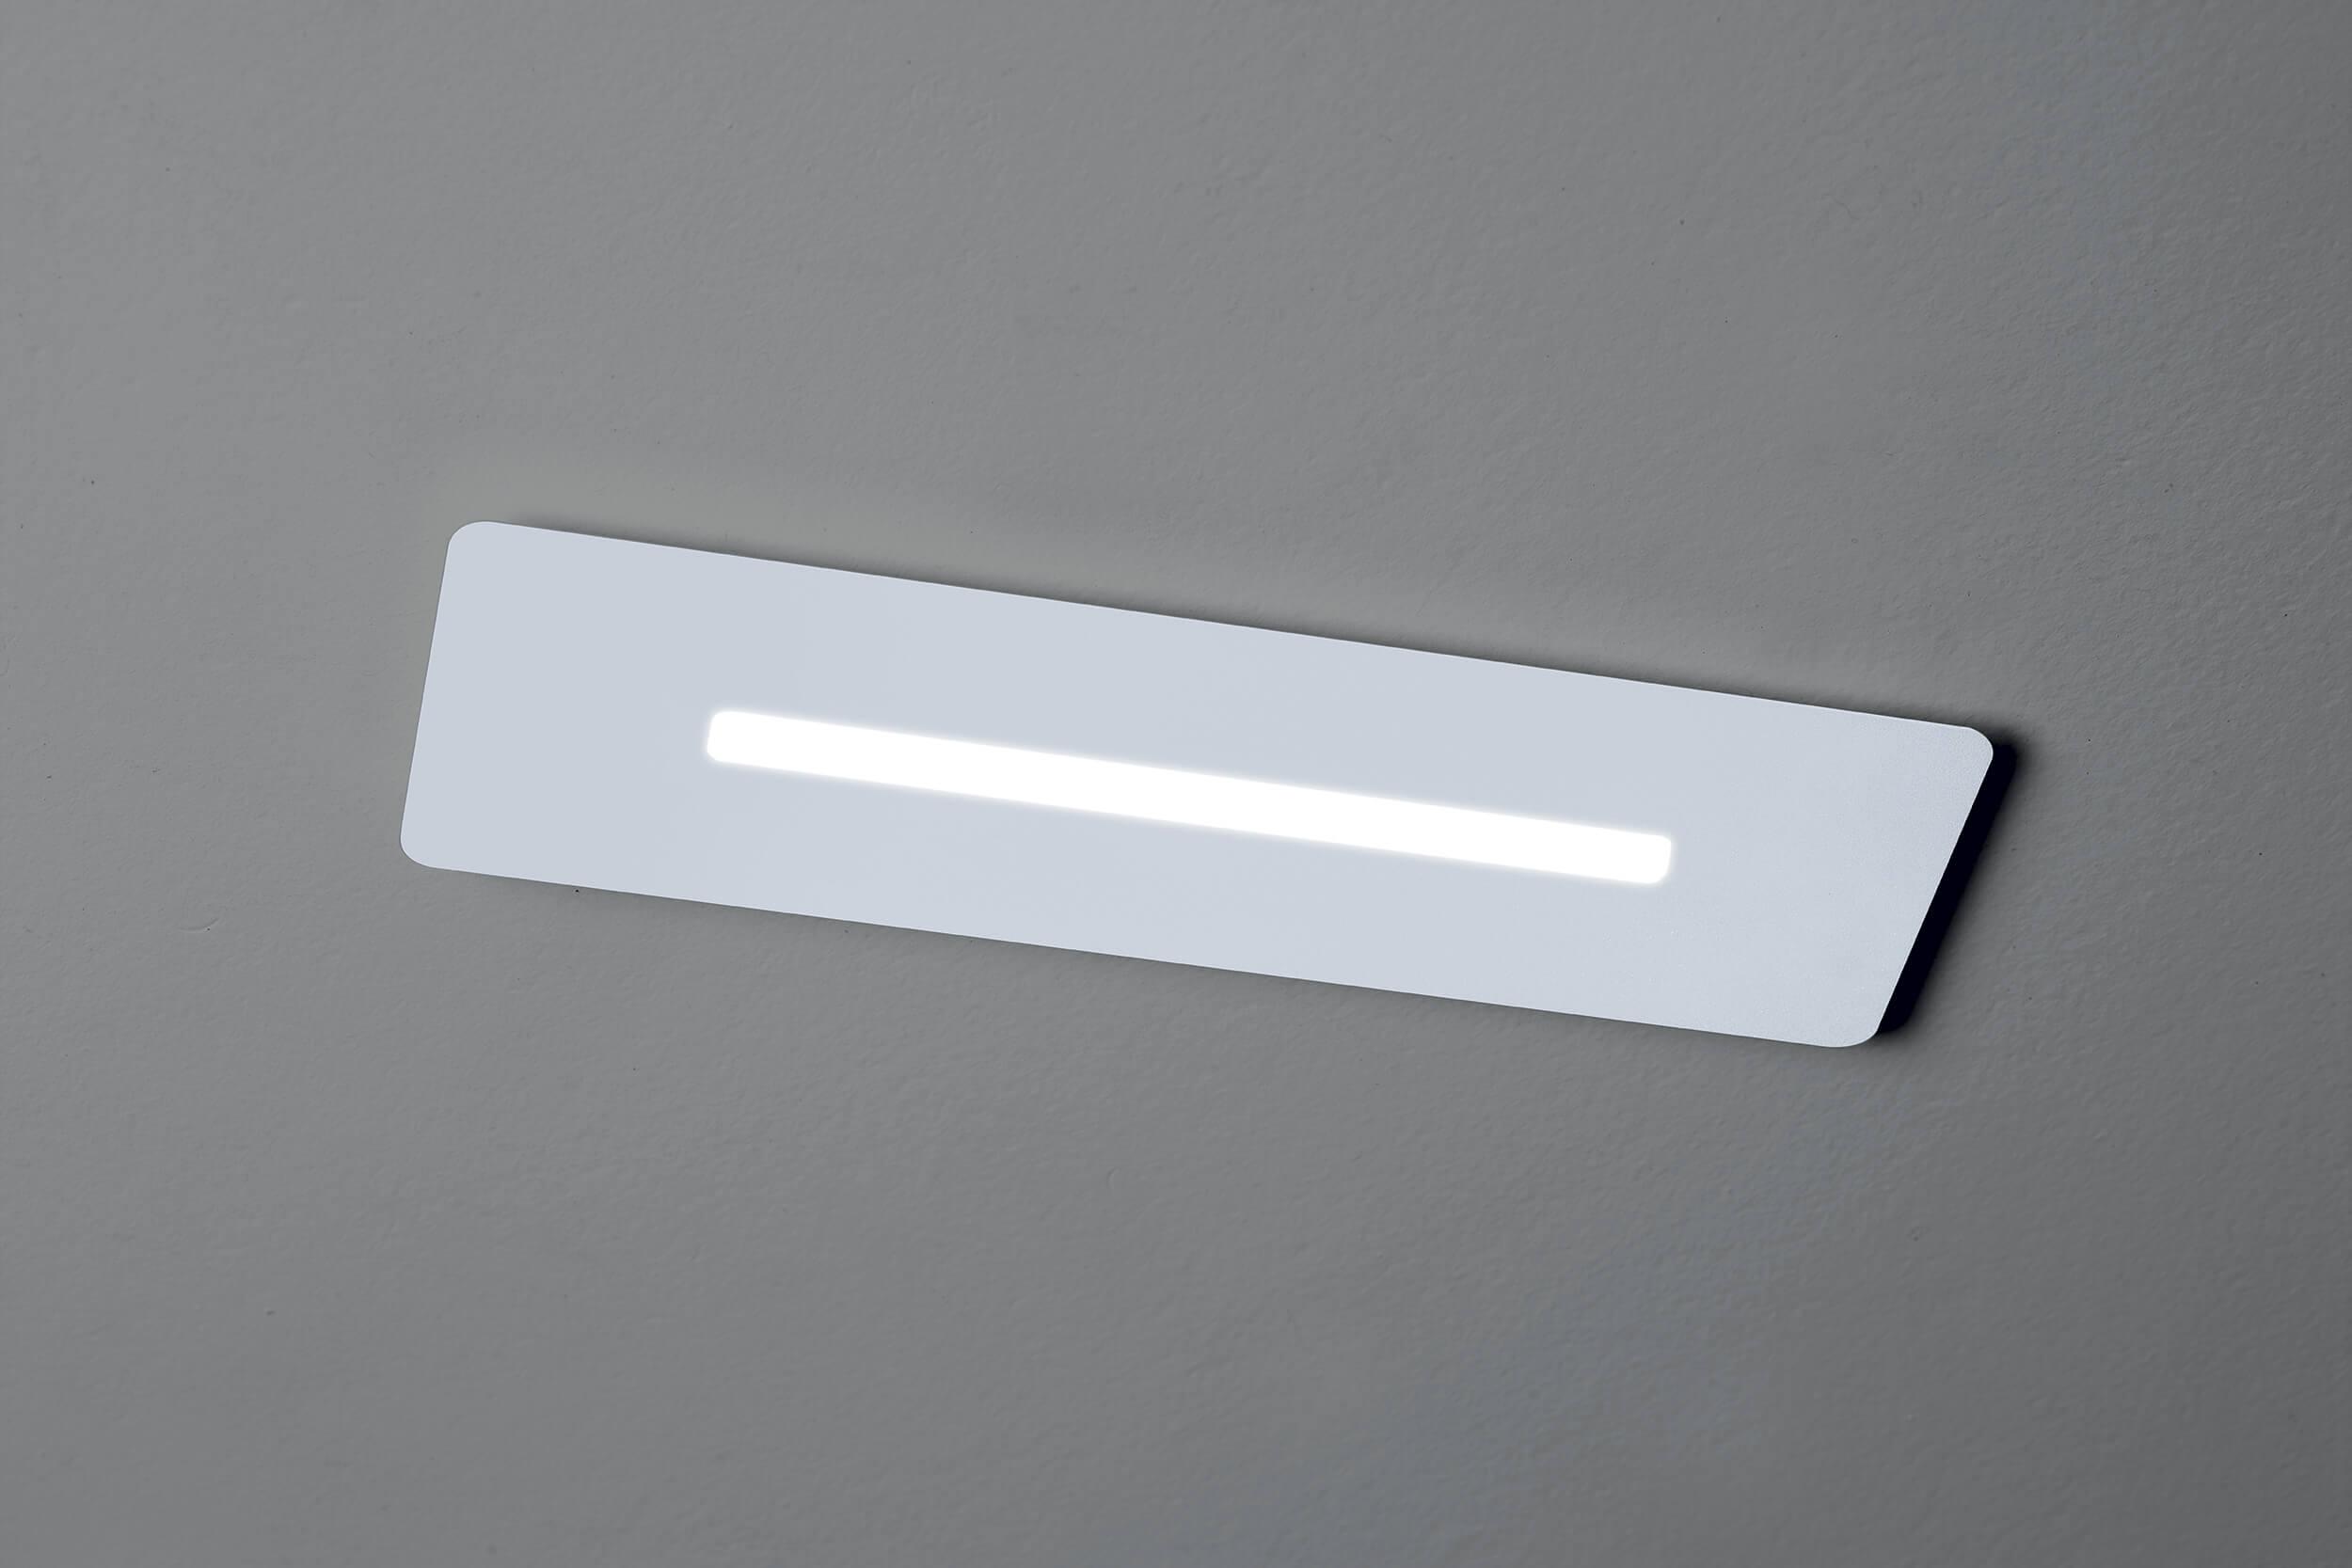 Plafoniere Da Parete Alternative : Lampade da parete cattaneo illuminazione